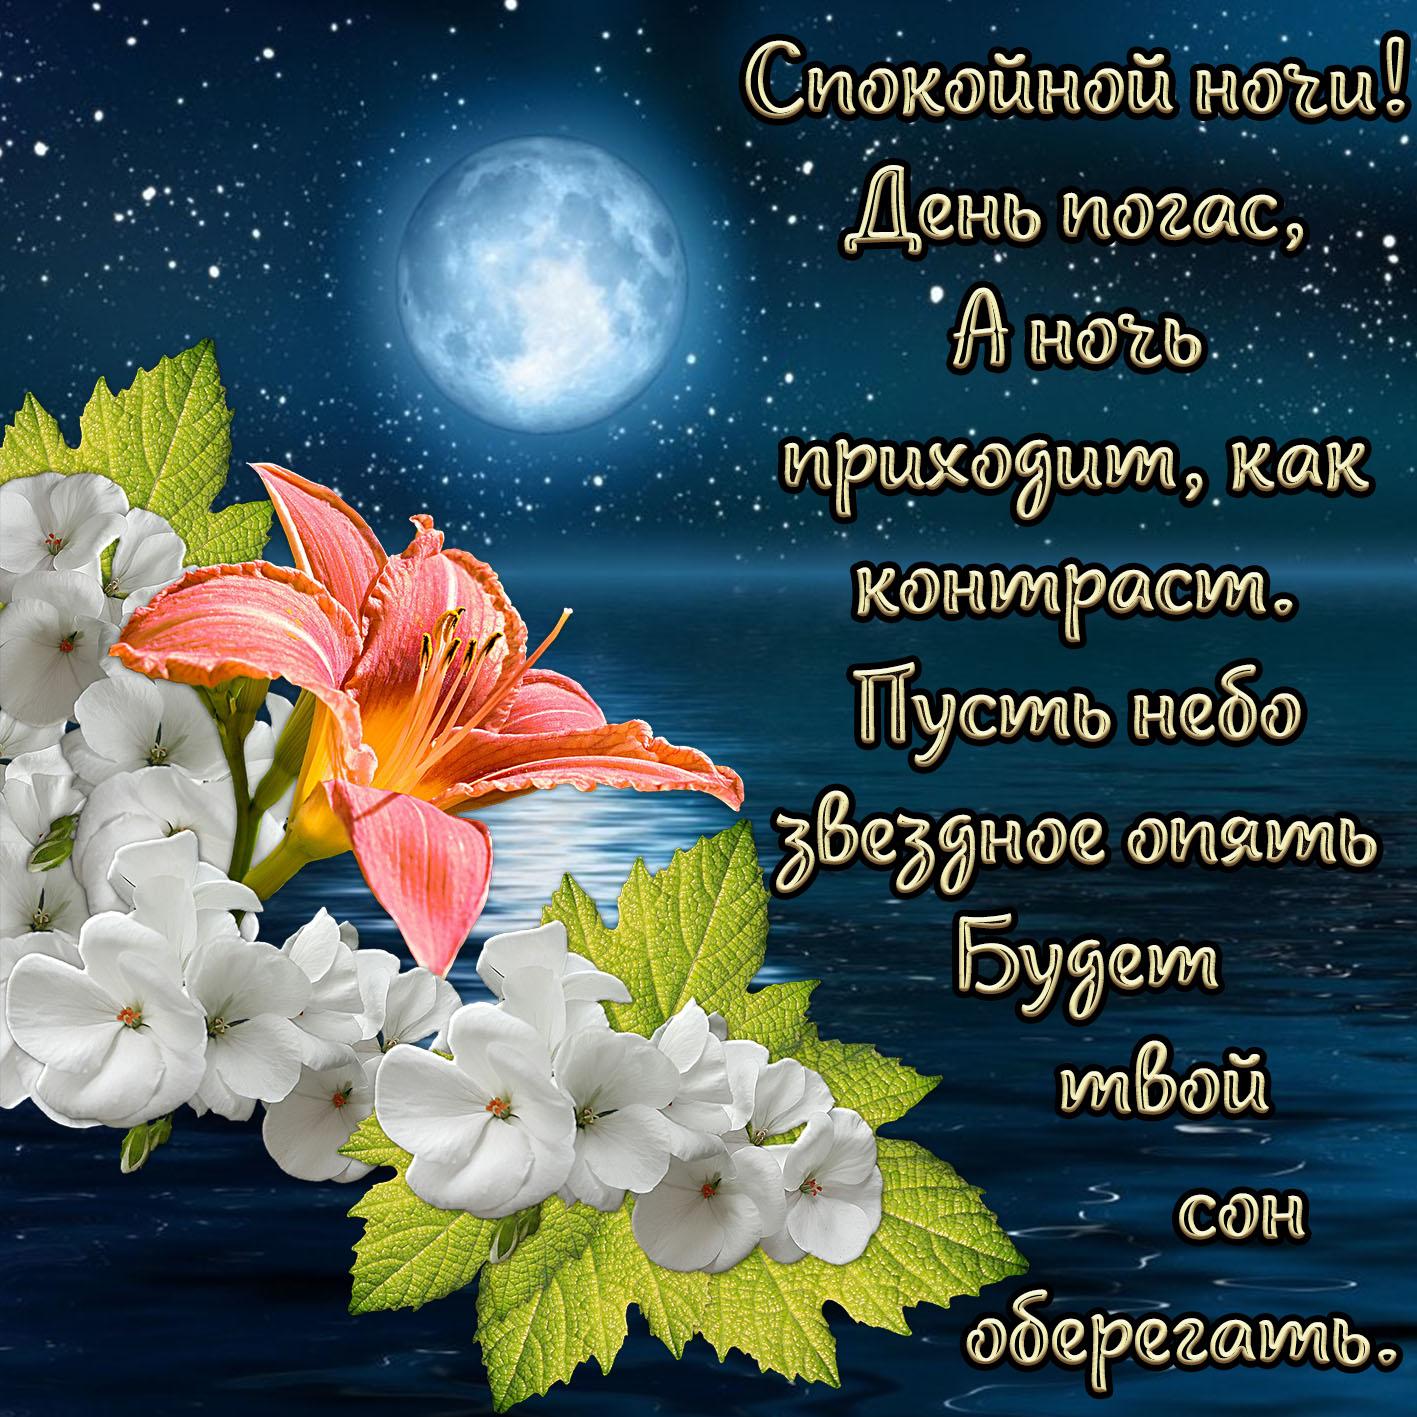 Открытка - красивое пожелание спокойной ночи в стихах